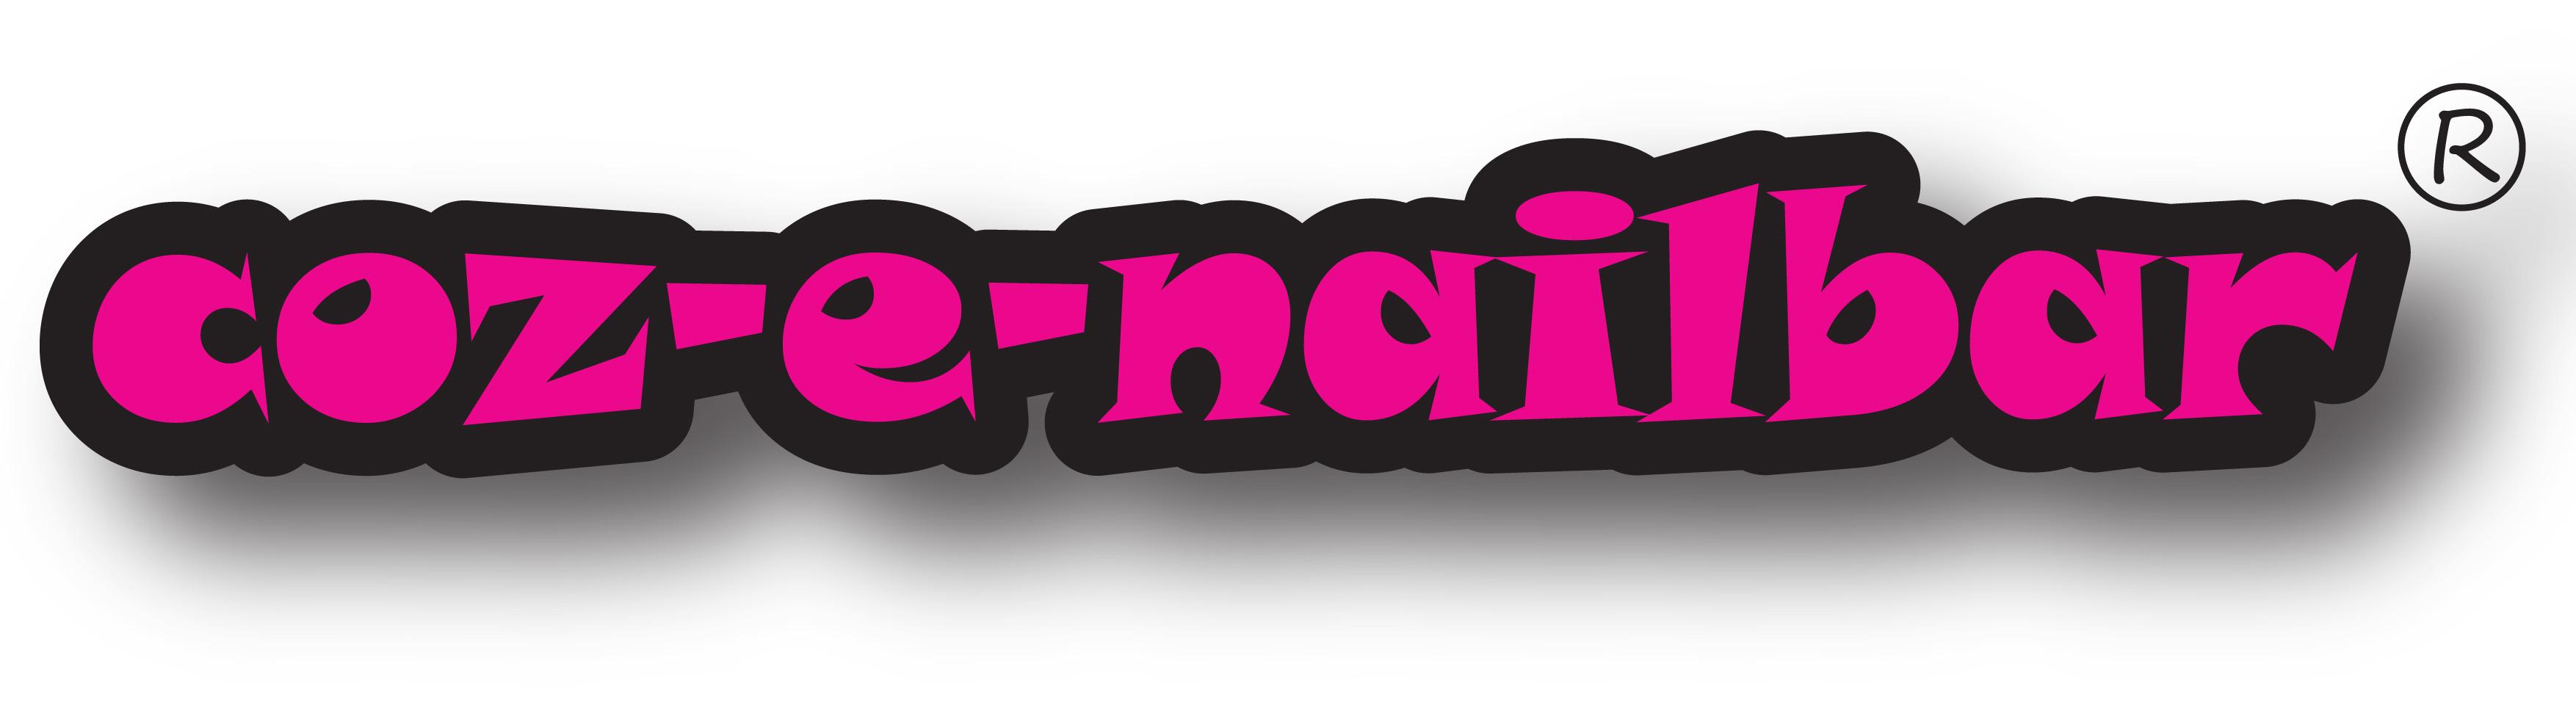 coz-e-nailbar-logo.jpg